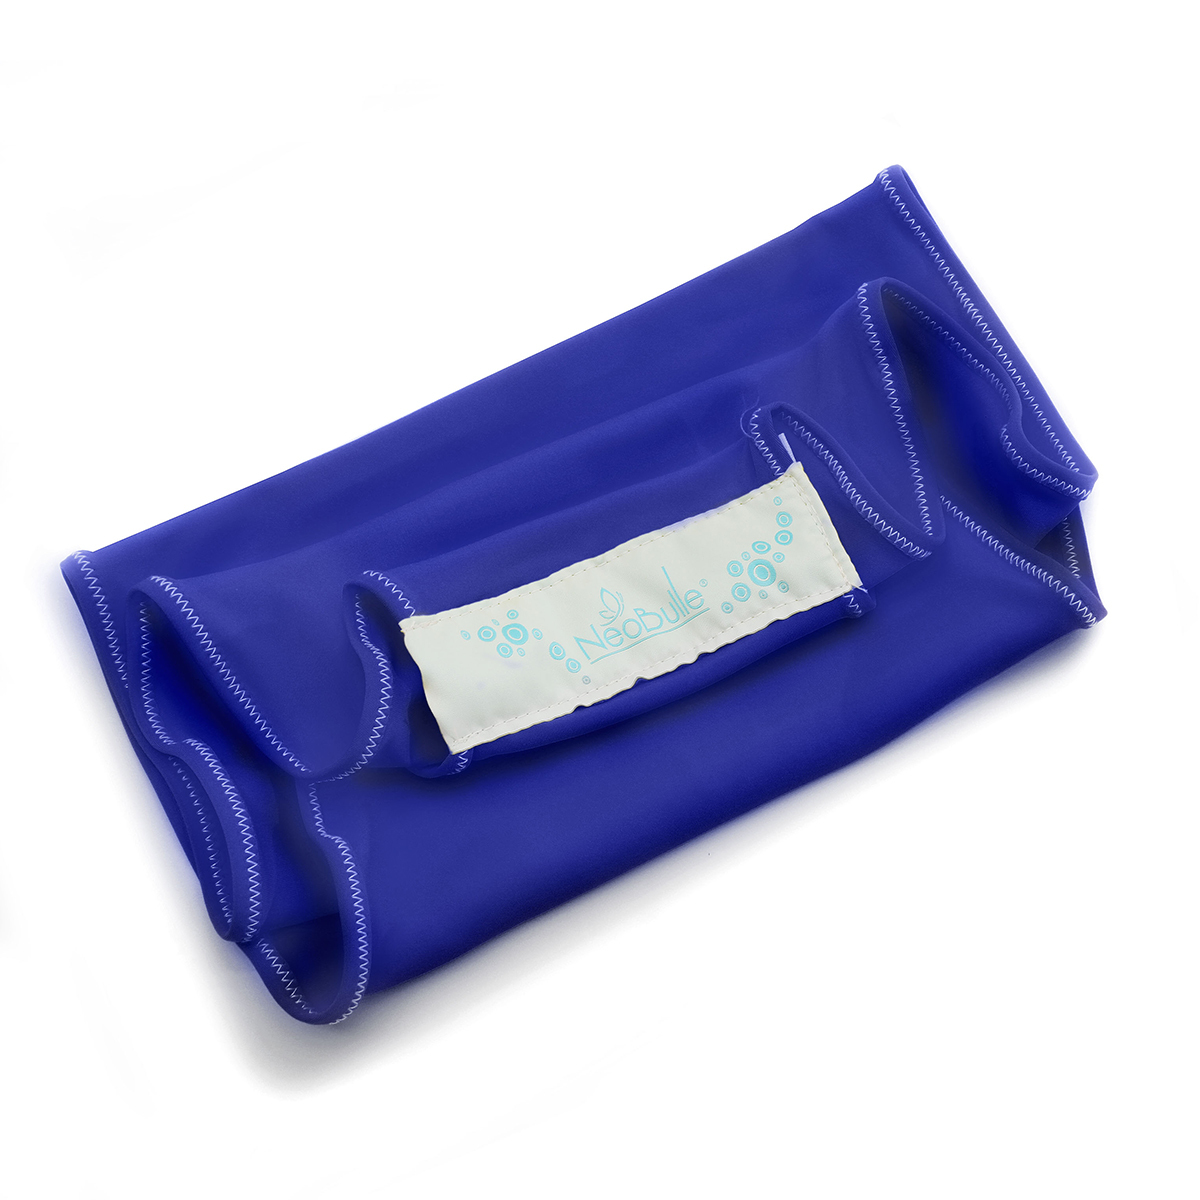 Porte bébé Echarpe Aquabulle Bleue - Taille S